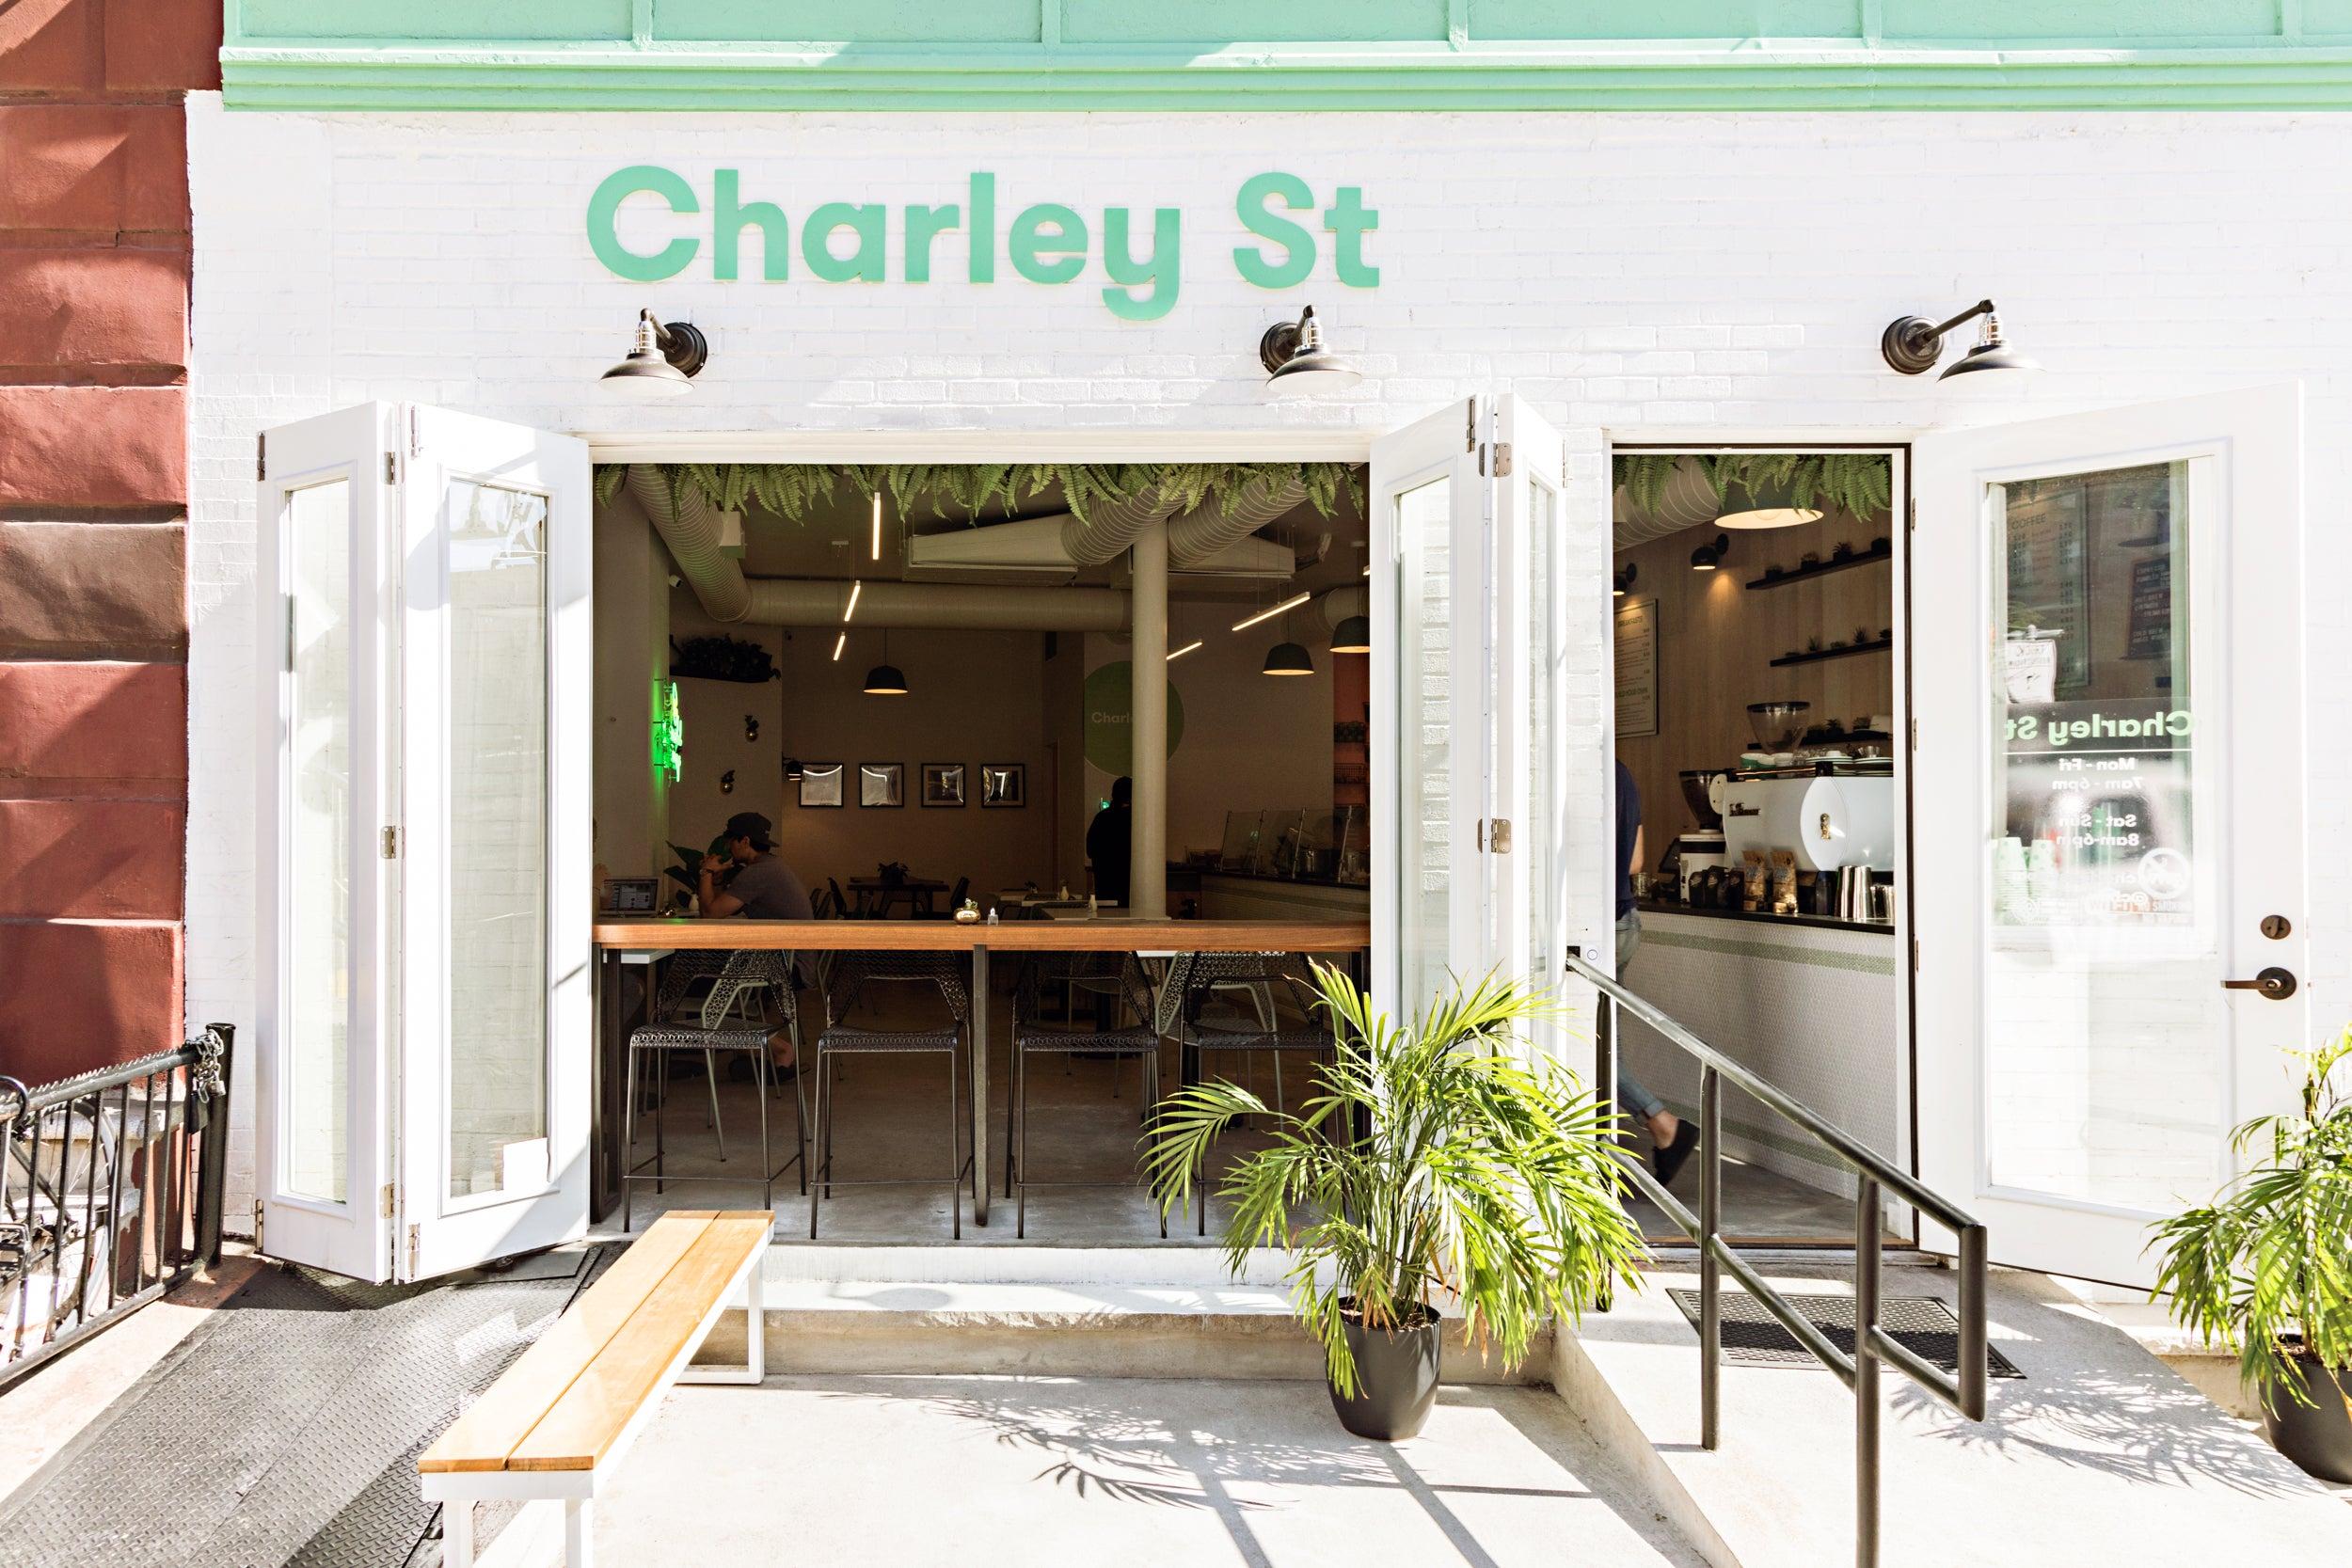 082918_CG_CharleyStreet_HT_WEB-12